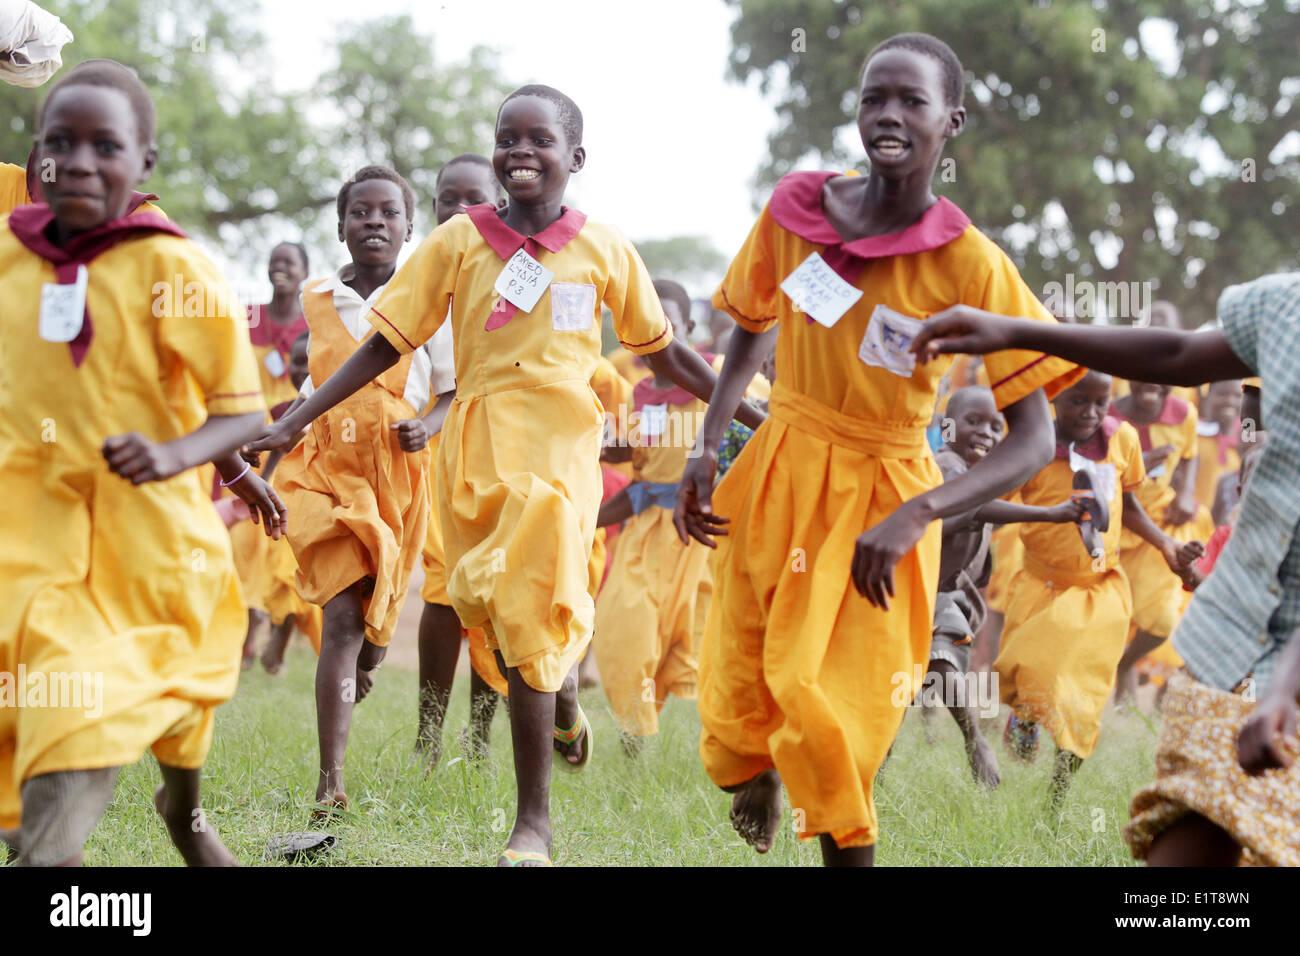 Les enfants de l'école jouent dans leur village dans le district de Lira d'Ouganda du Nord. Photo Stock